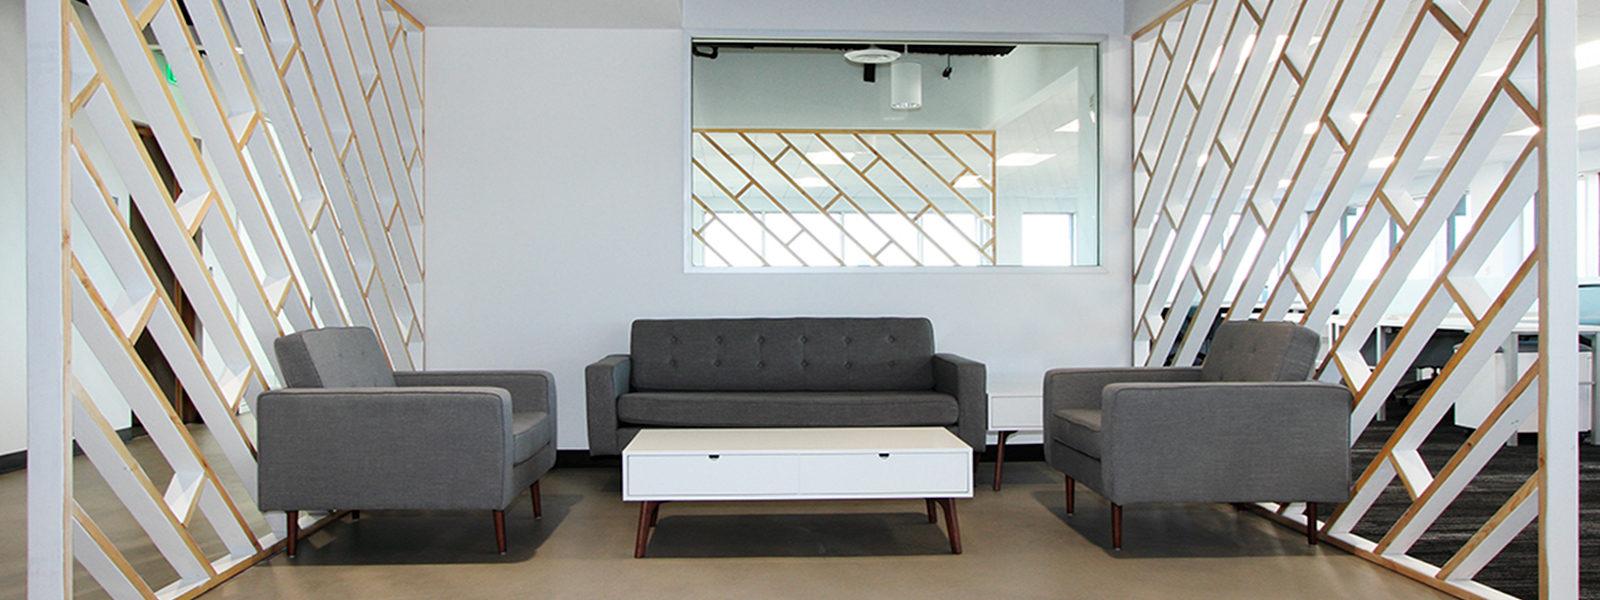 Interior design san diego Kitchen Ware Malcomb Downtown San Diego